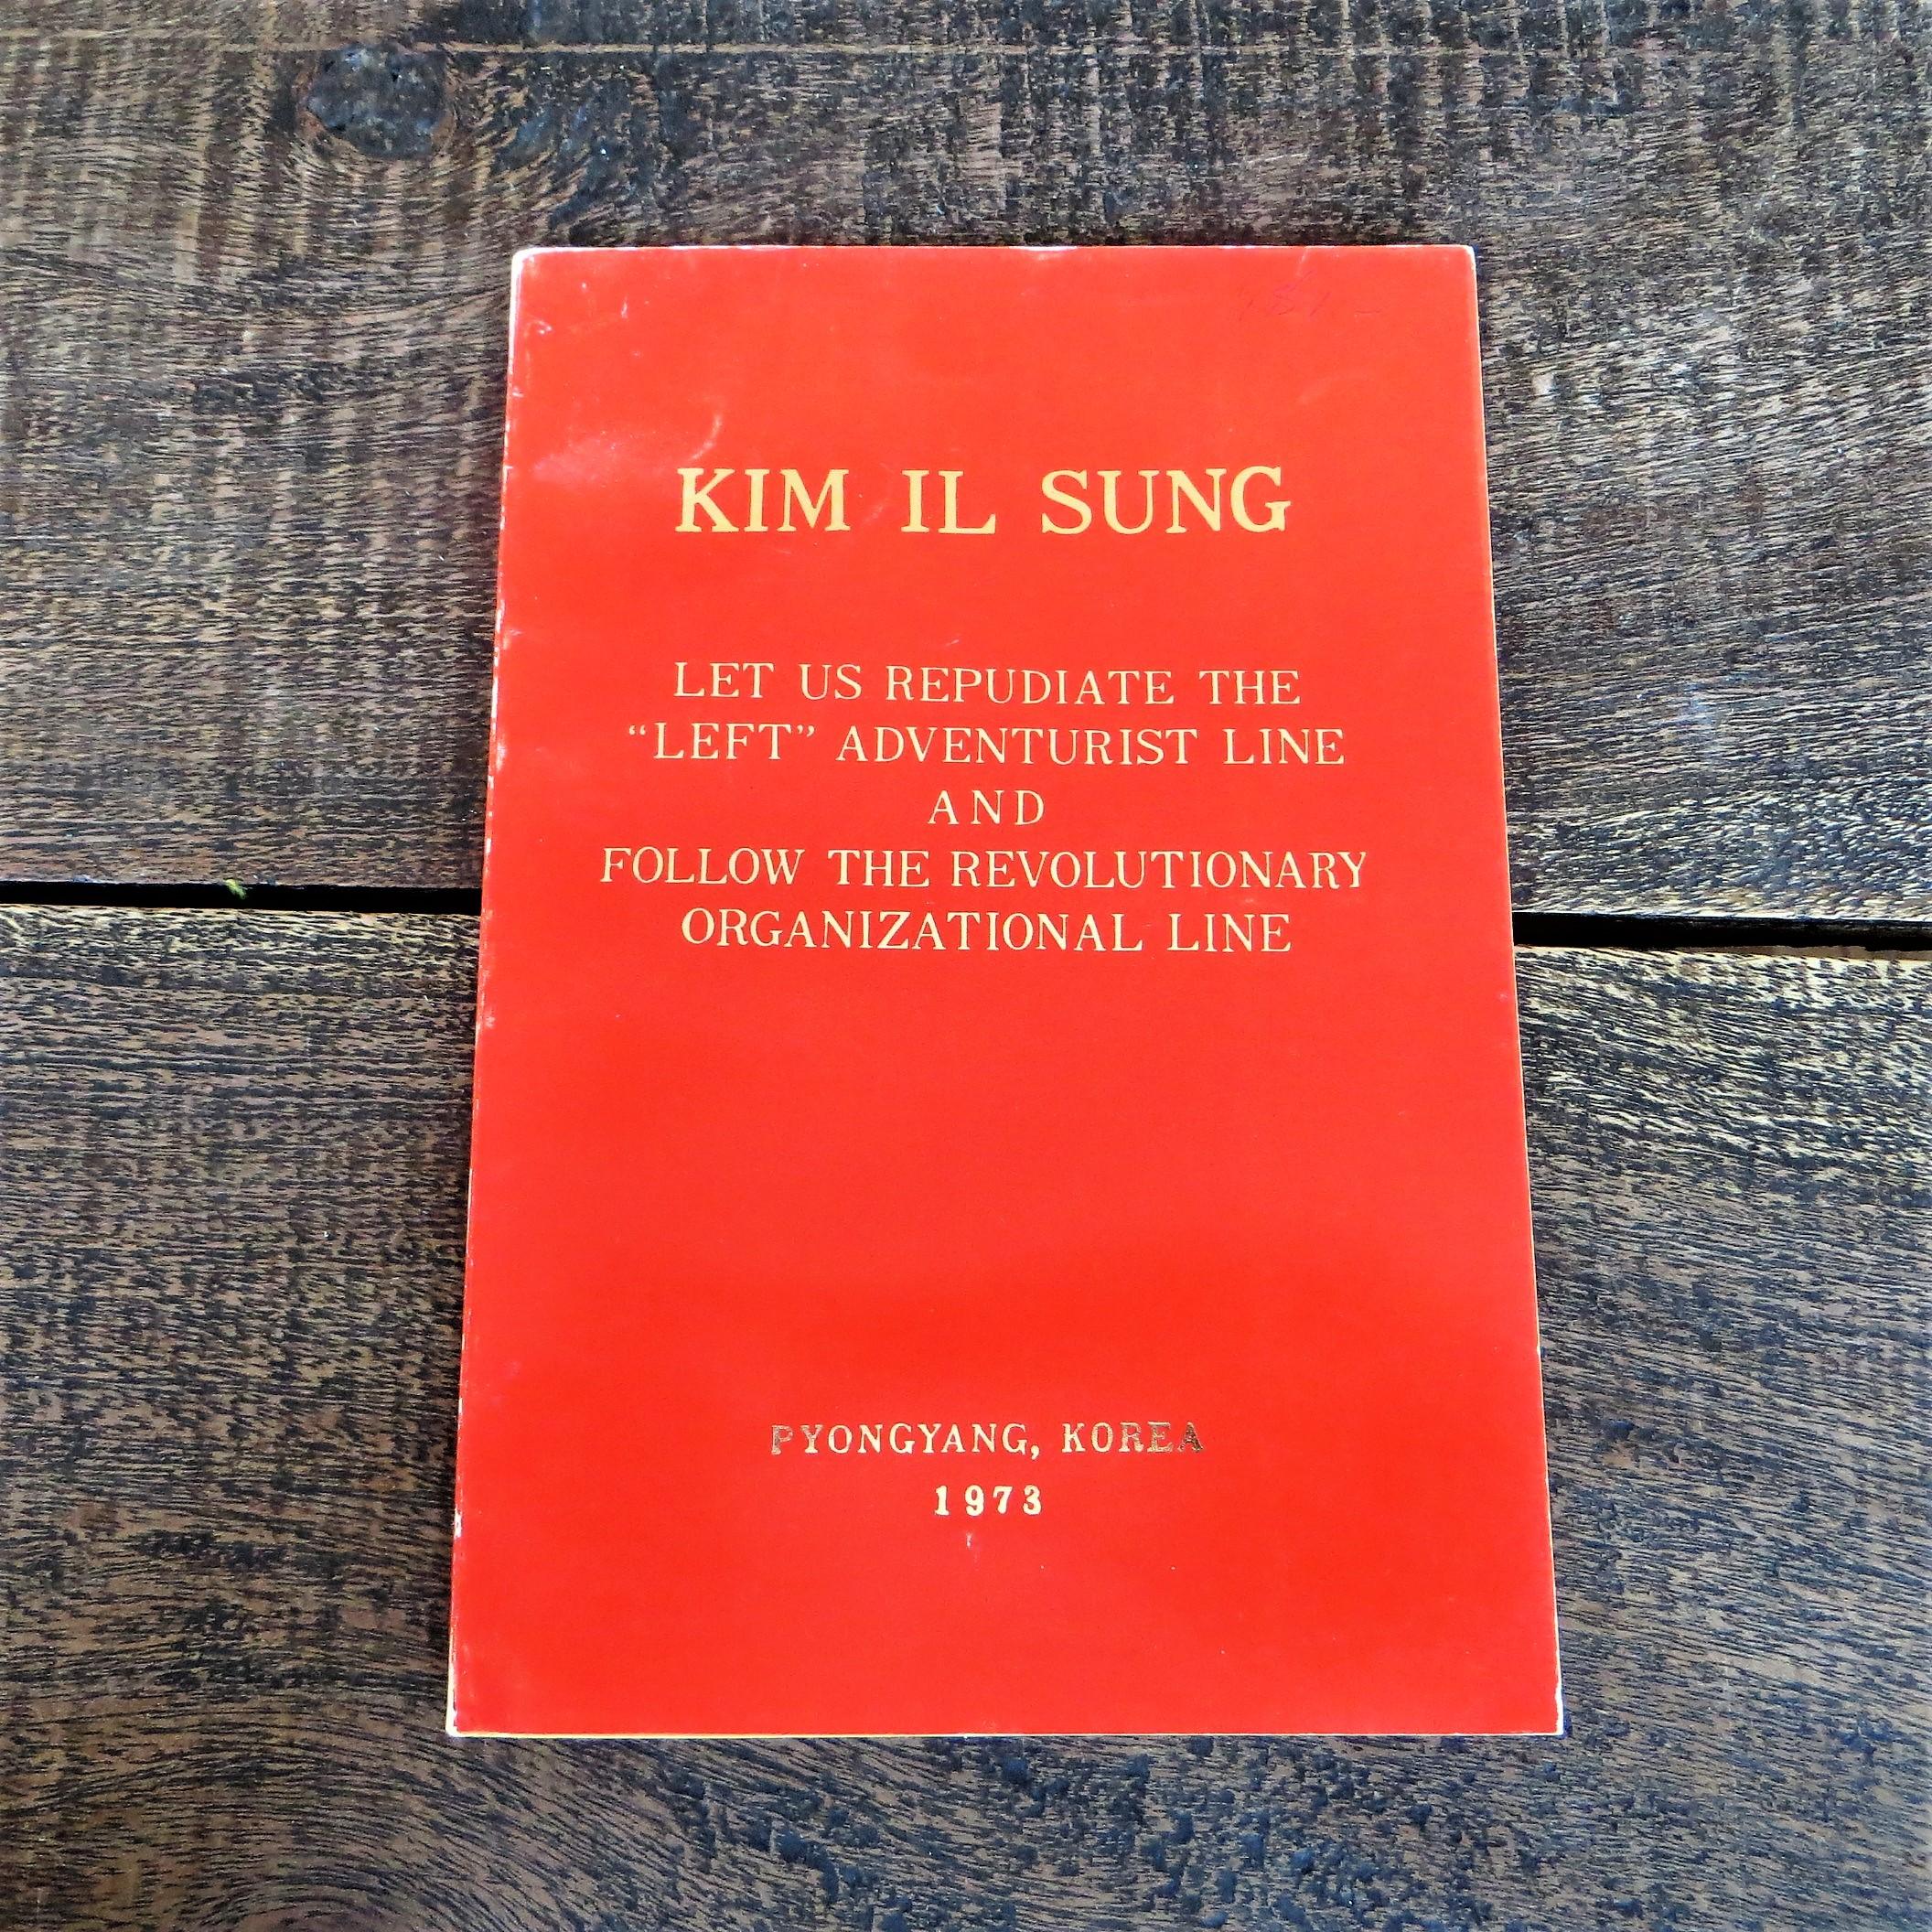 book-north-korea-kim-il-sung-1-1